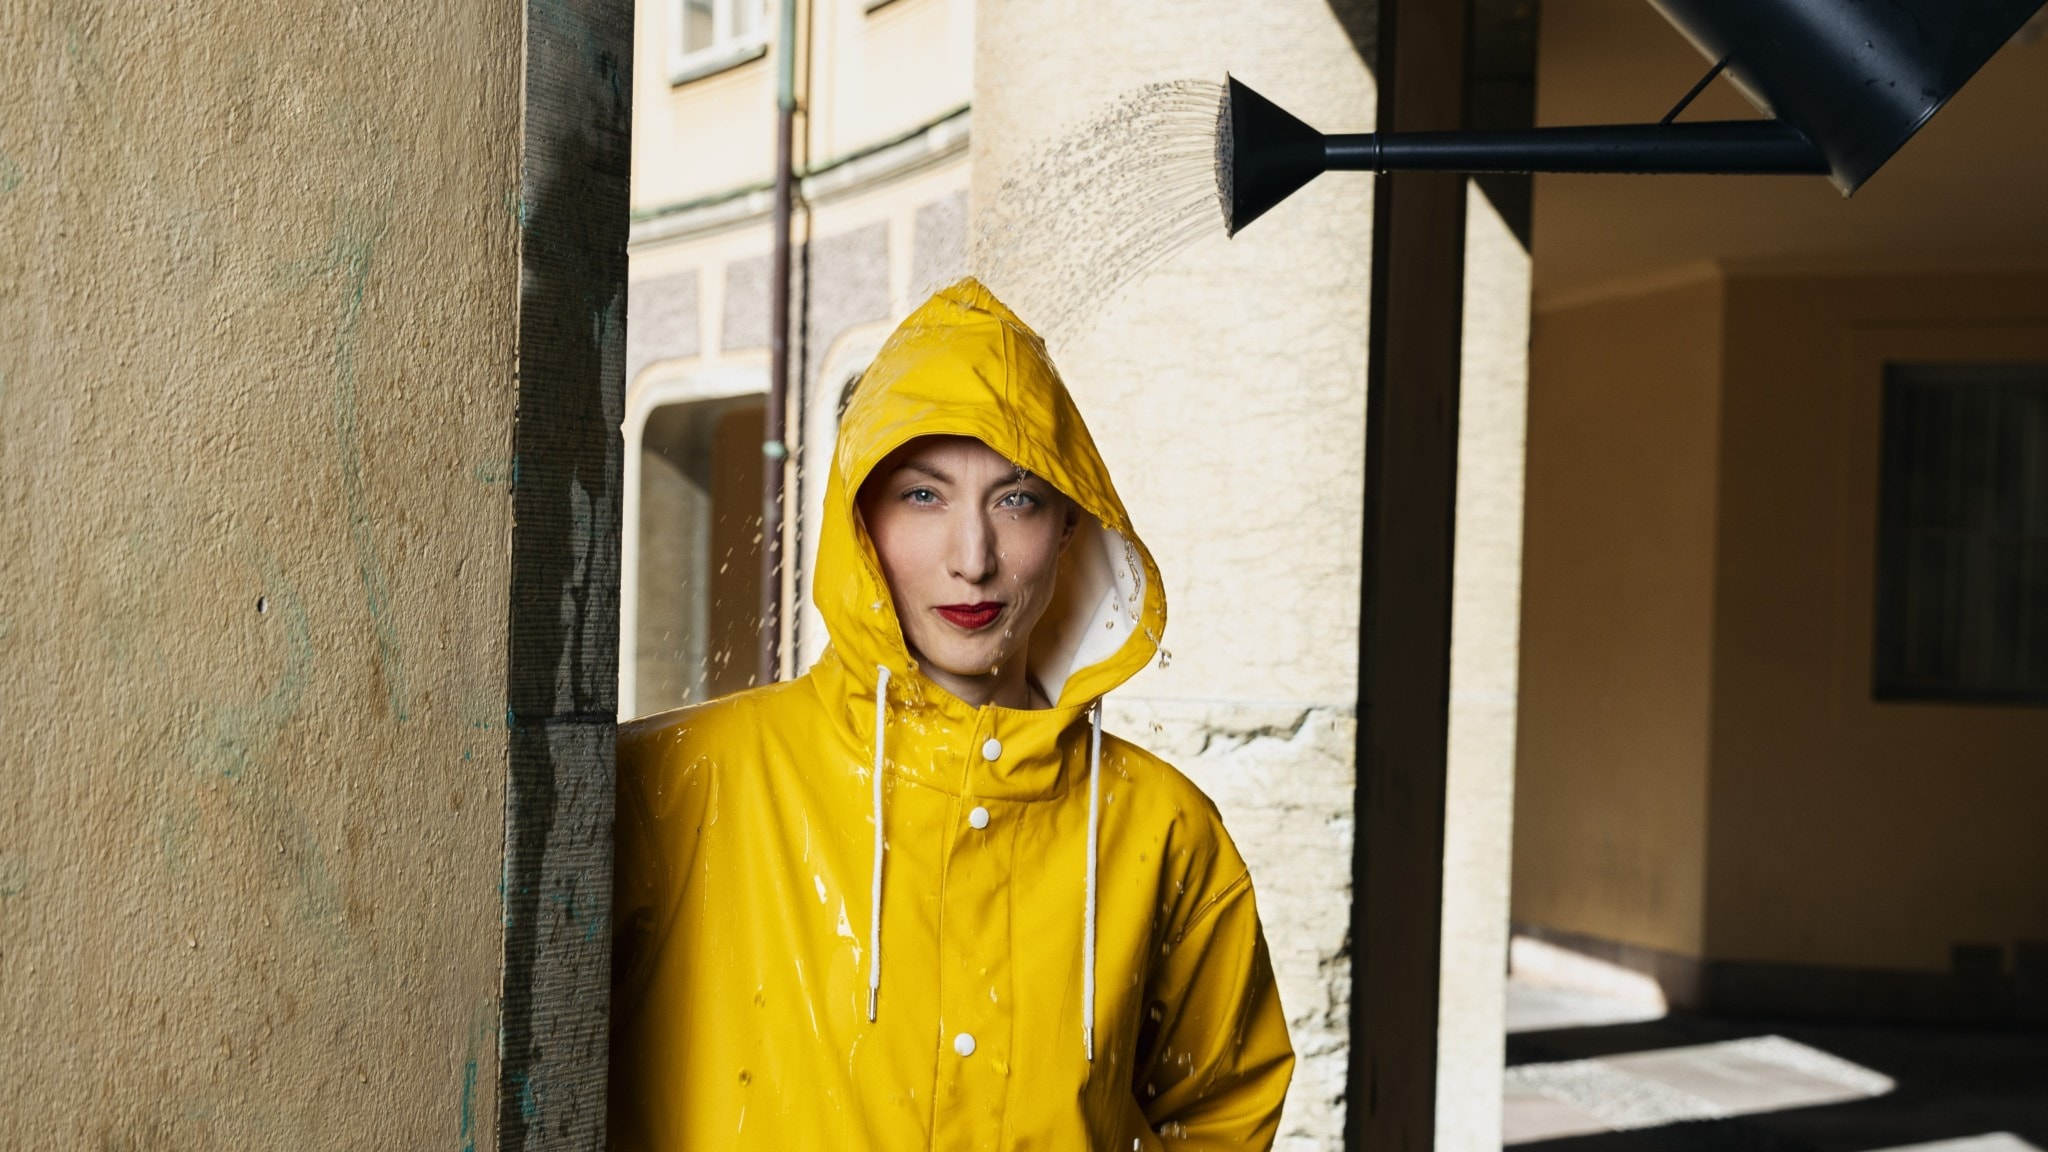 Cecilia Düringer, programledare Historiska väder i P1, står iförd gul regnrock en solig dag. I höger hörn syns en vattenkanna och ur den kommer vatten rakt ner över Cecilia.